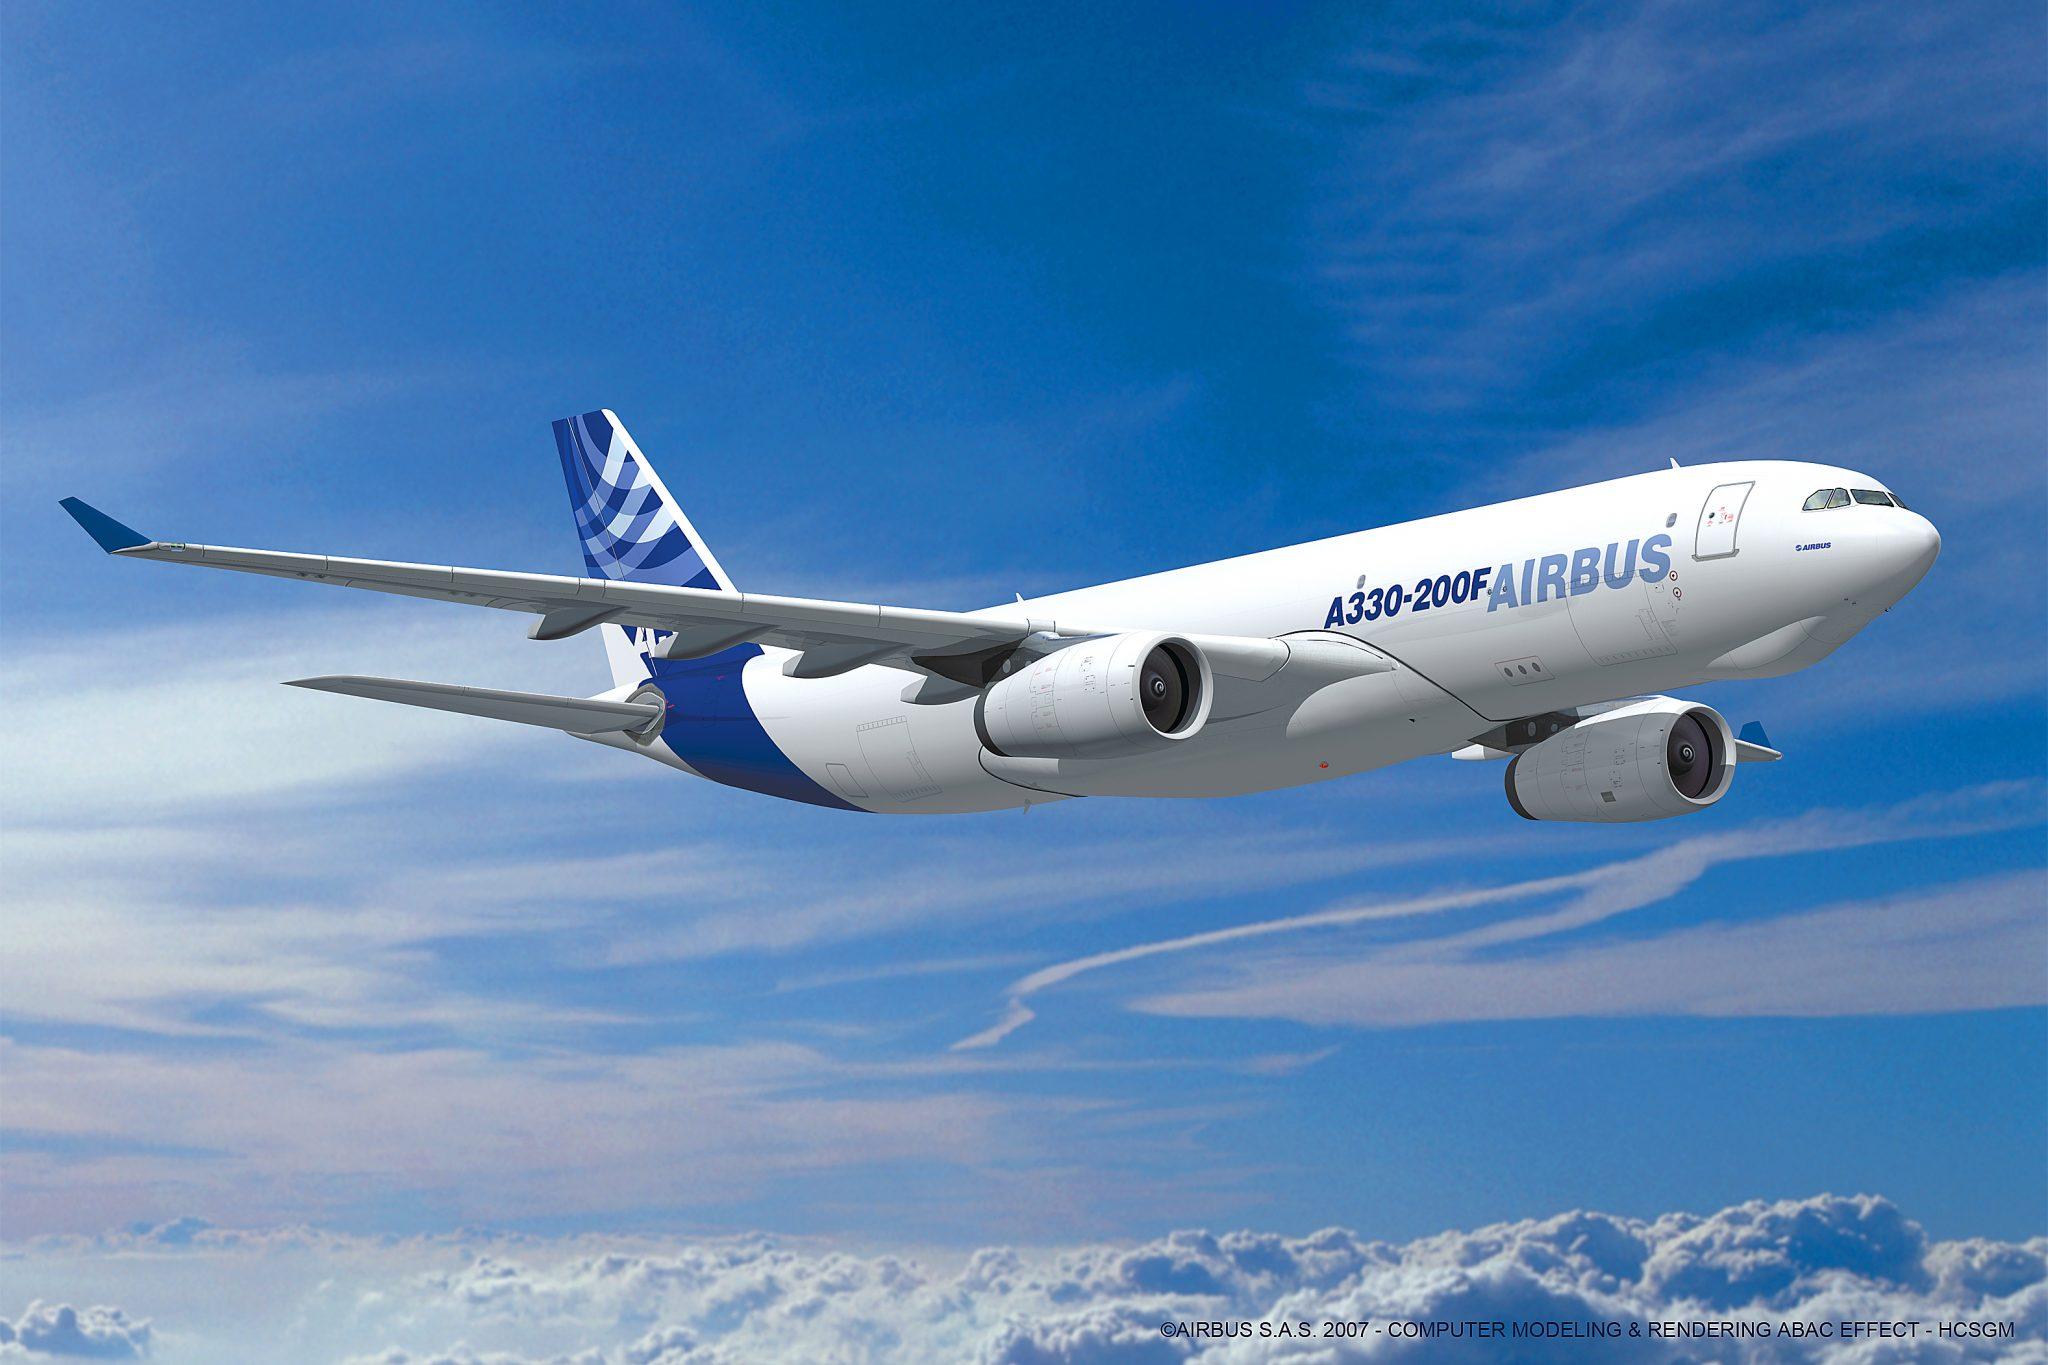 Der Airbus A330. Quelle: Airbus